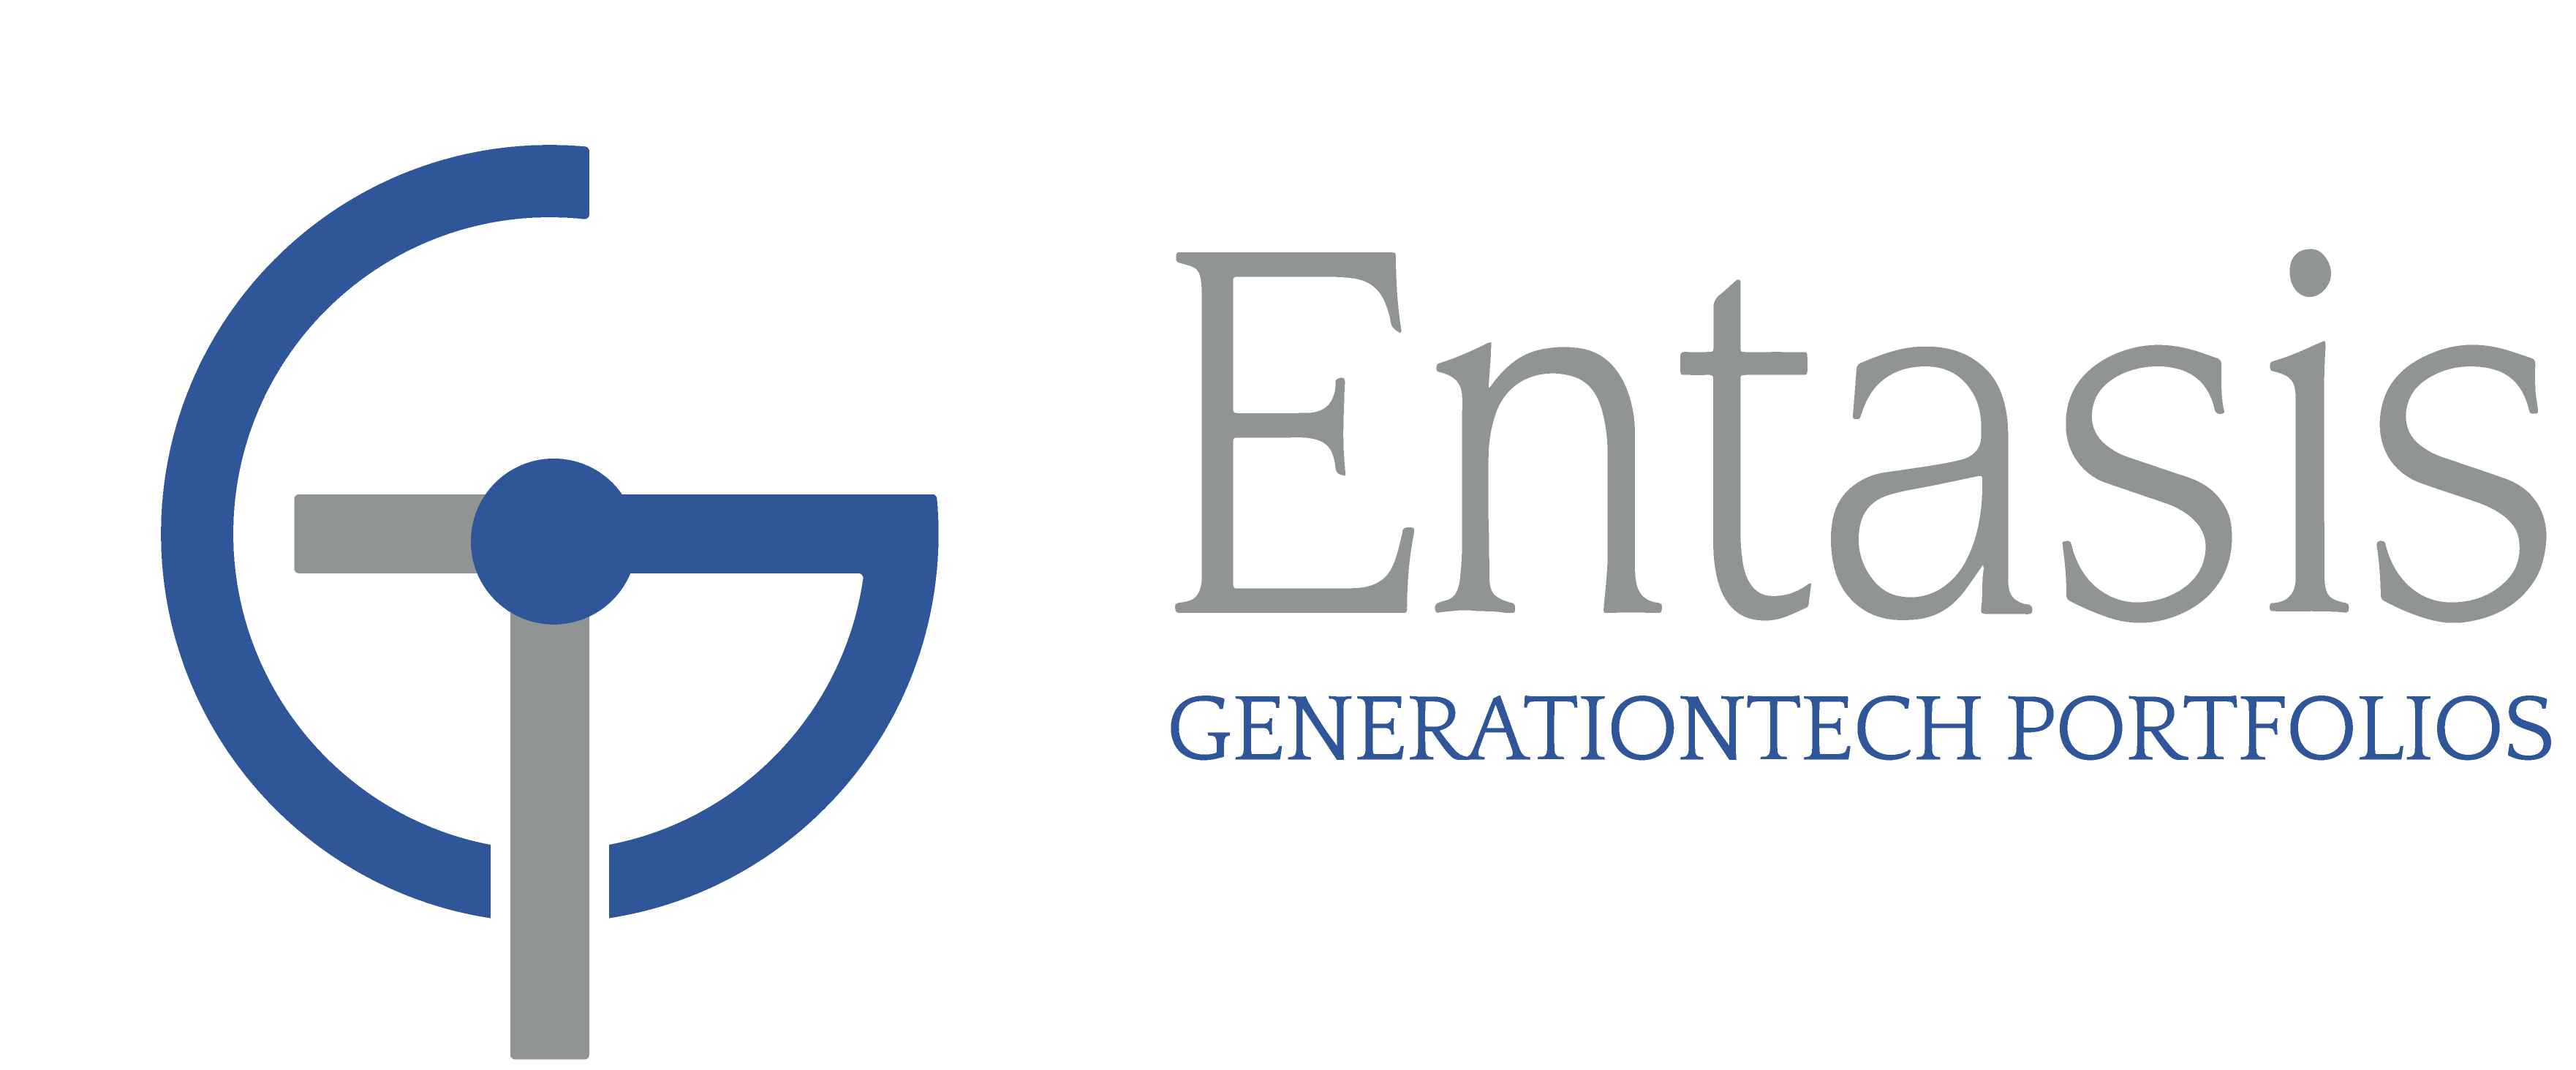 Entasis GenerationTech Logo